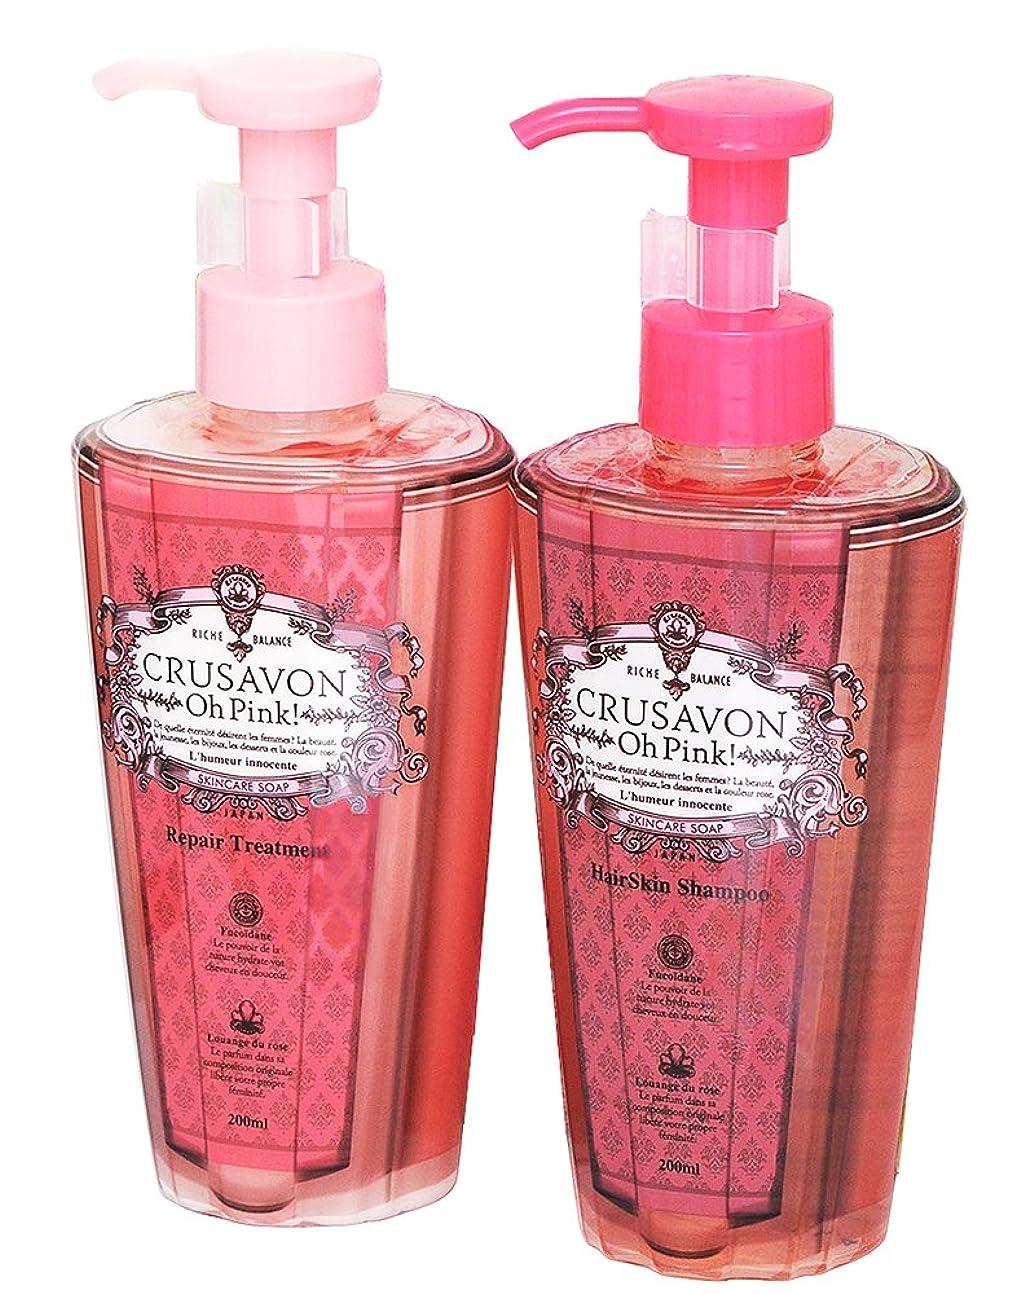 化粧ブロック煩わしいクリュサボン ヘアケアミニボトルセット ピンキッシュ?フルーティフローラルの香り (各200ml)